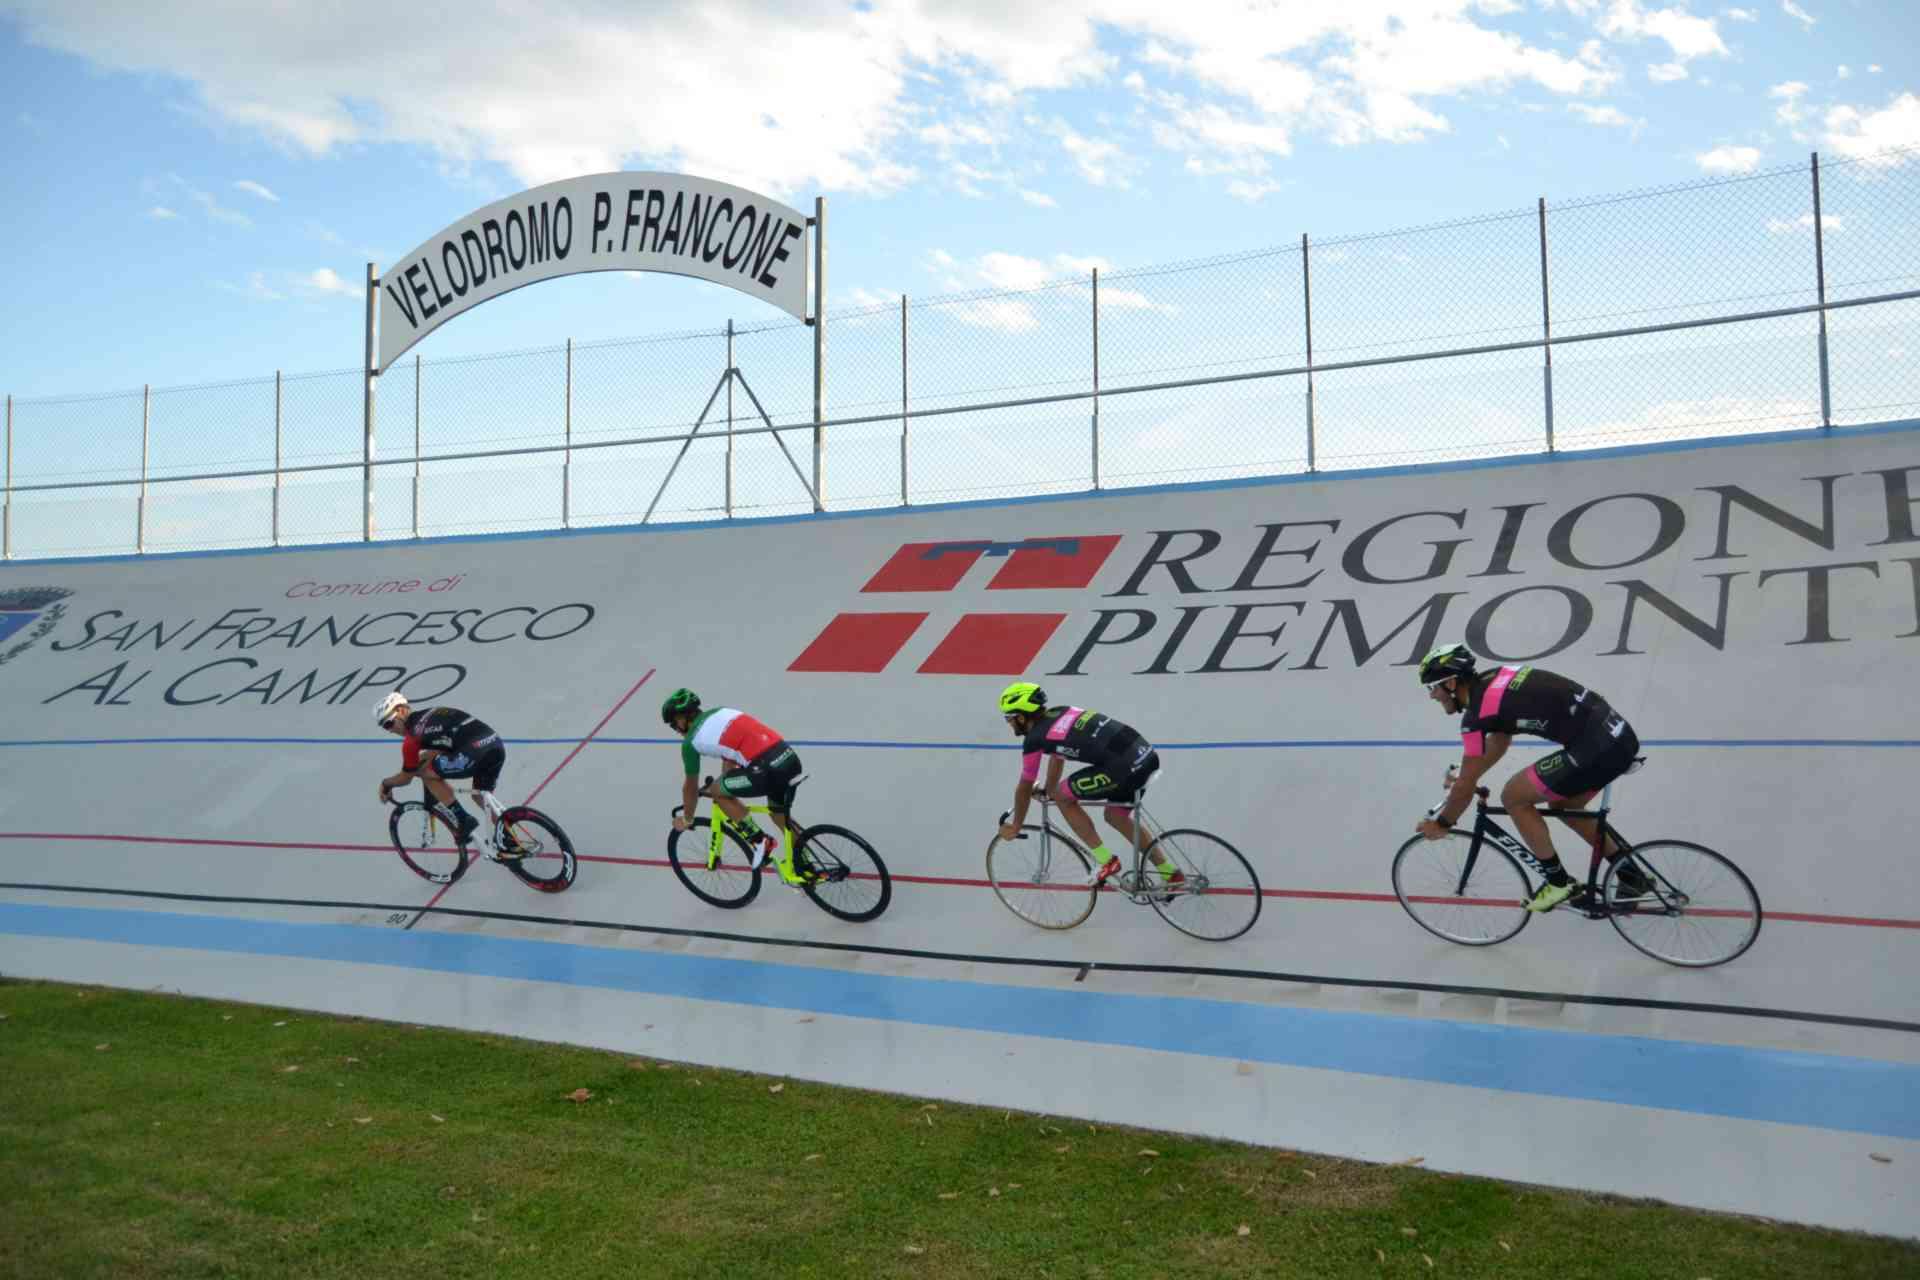 velodromo francone 3 partner primo piano rivista promuovere